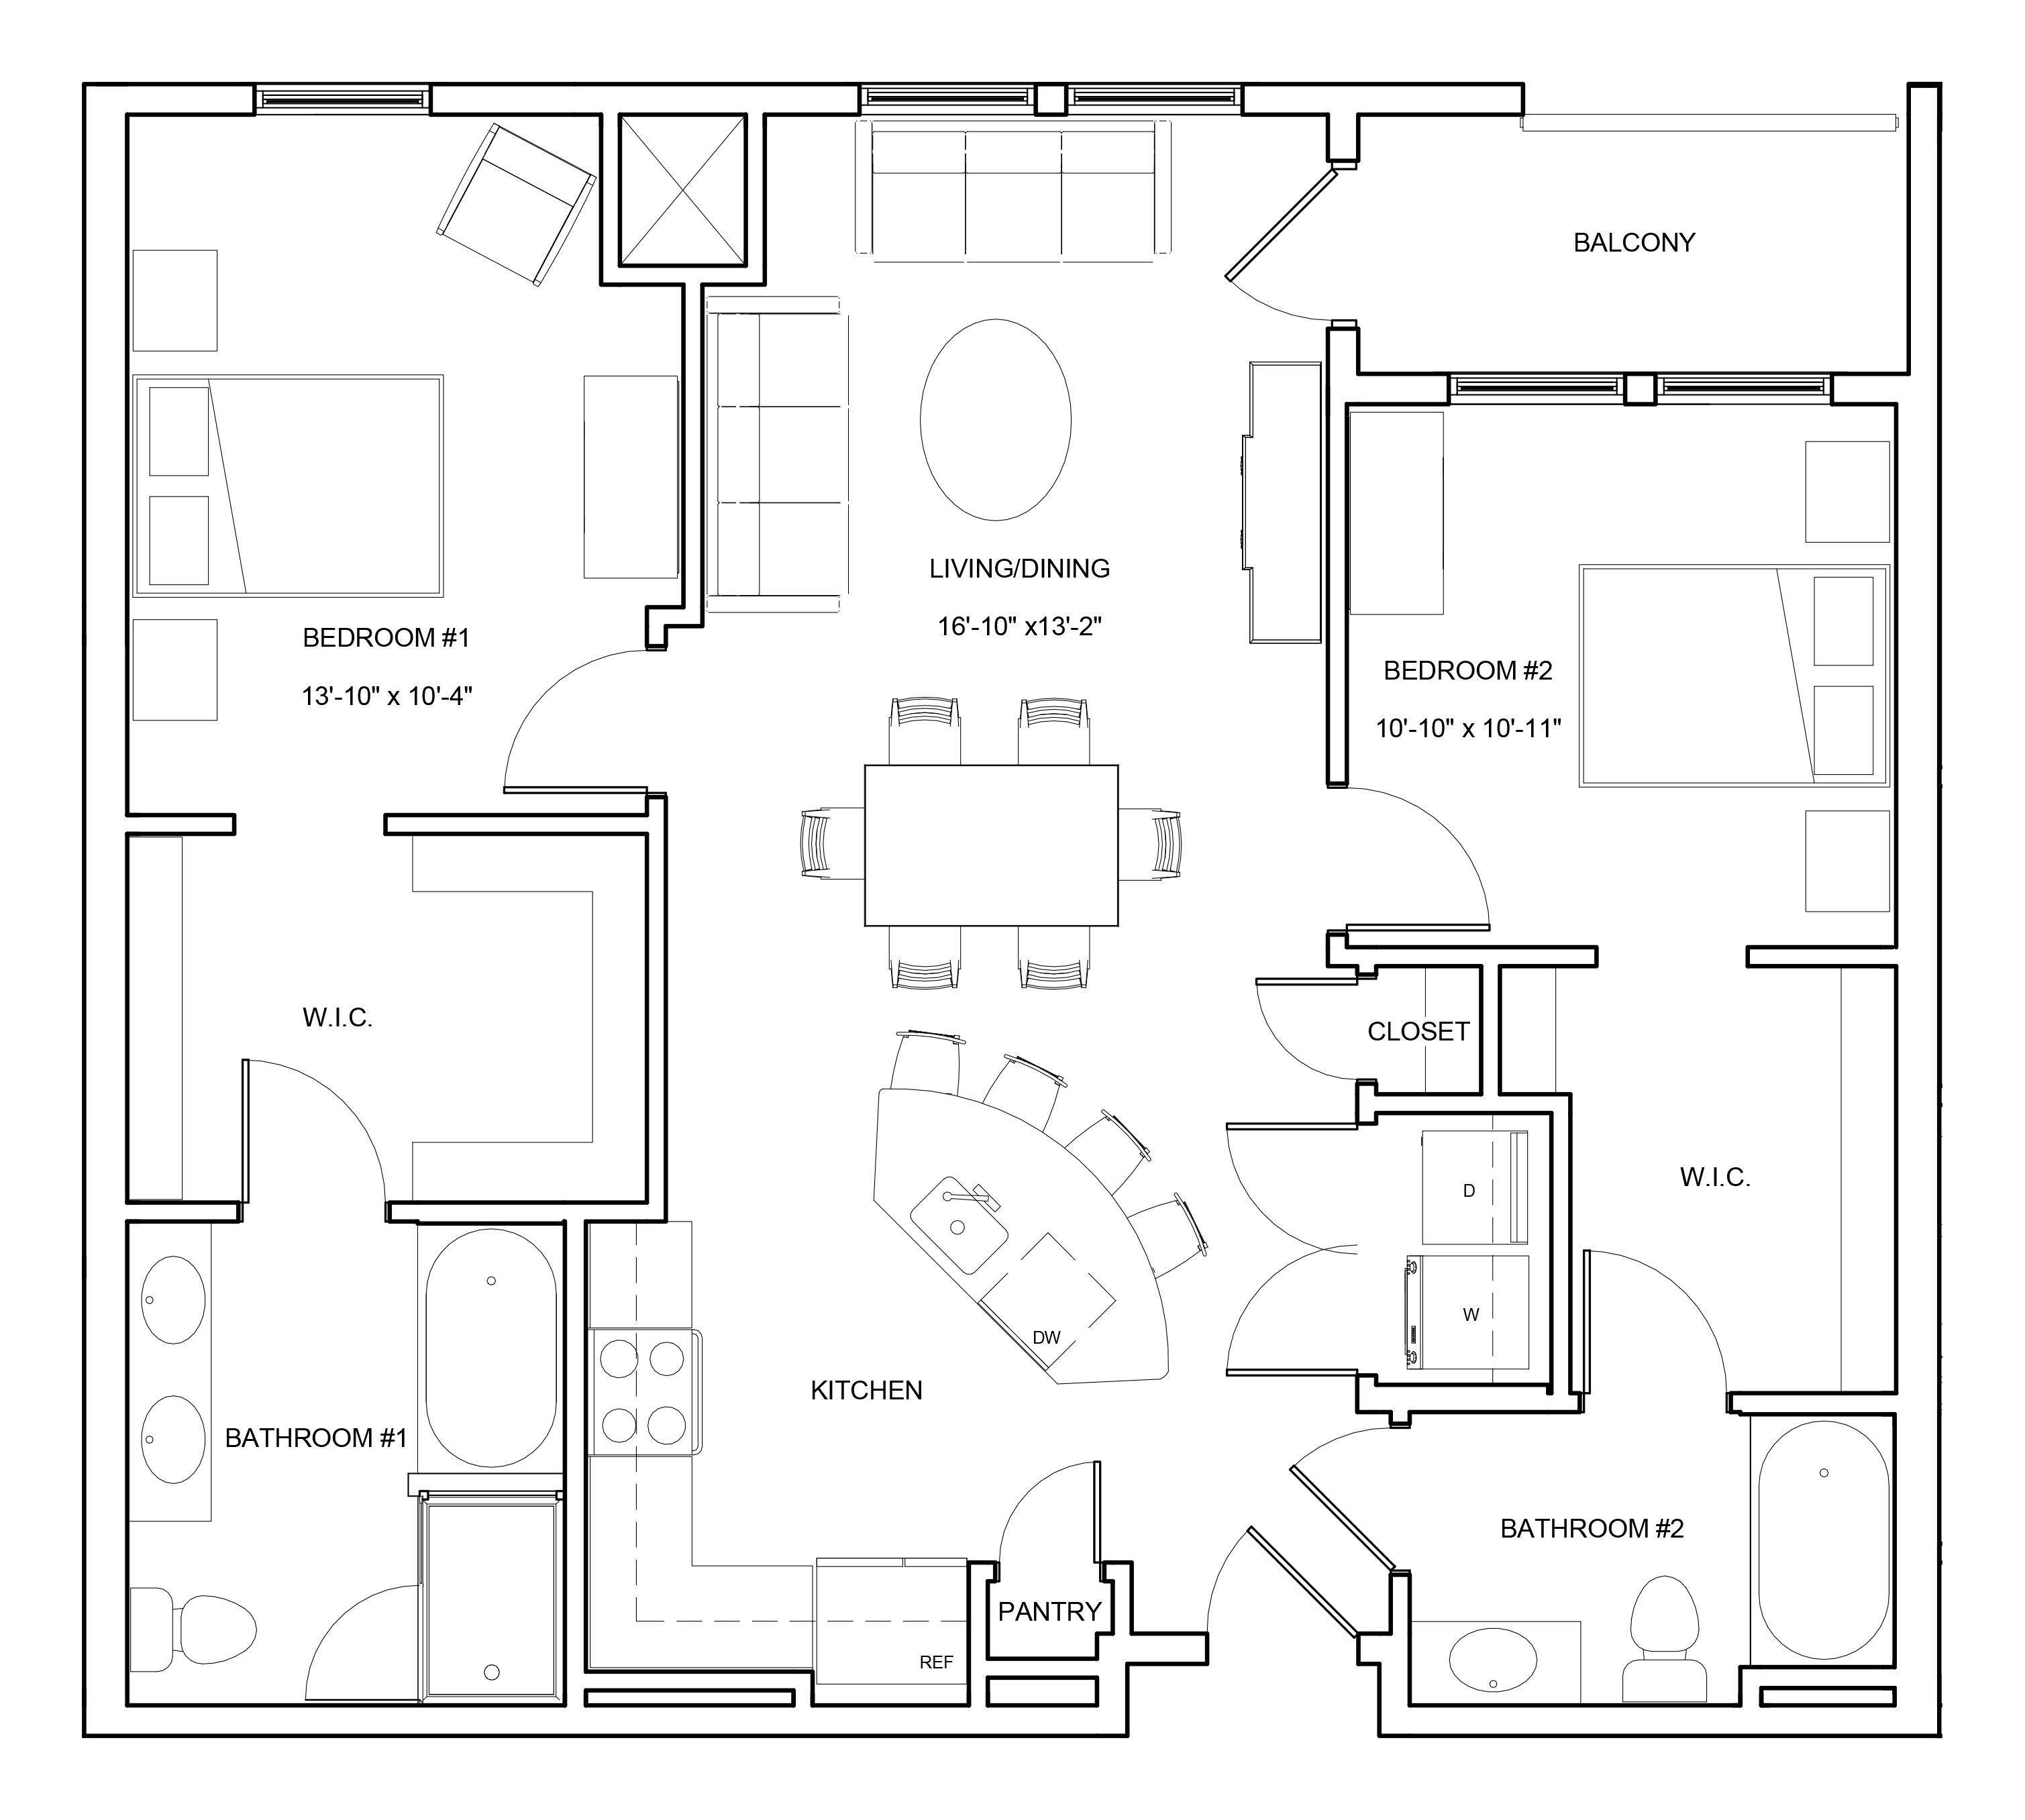 P0663804 b2b 2 floorplan